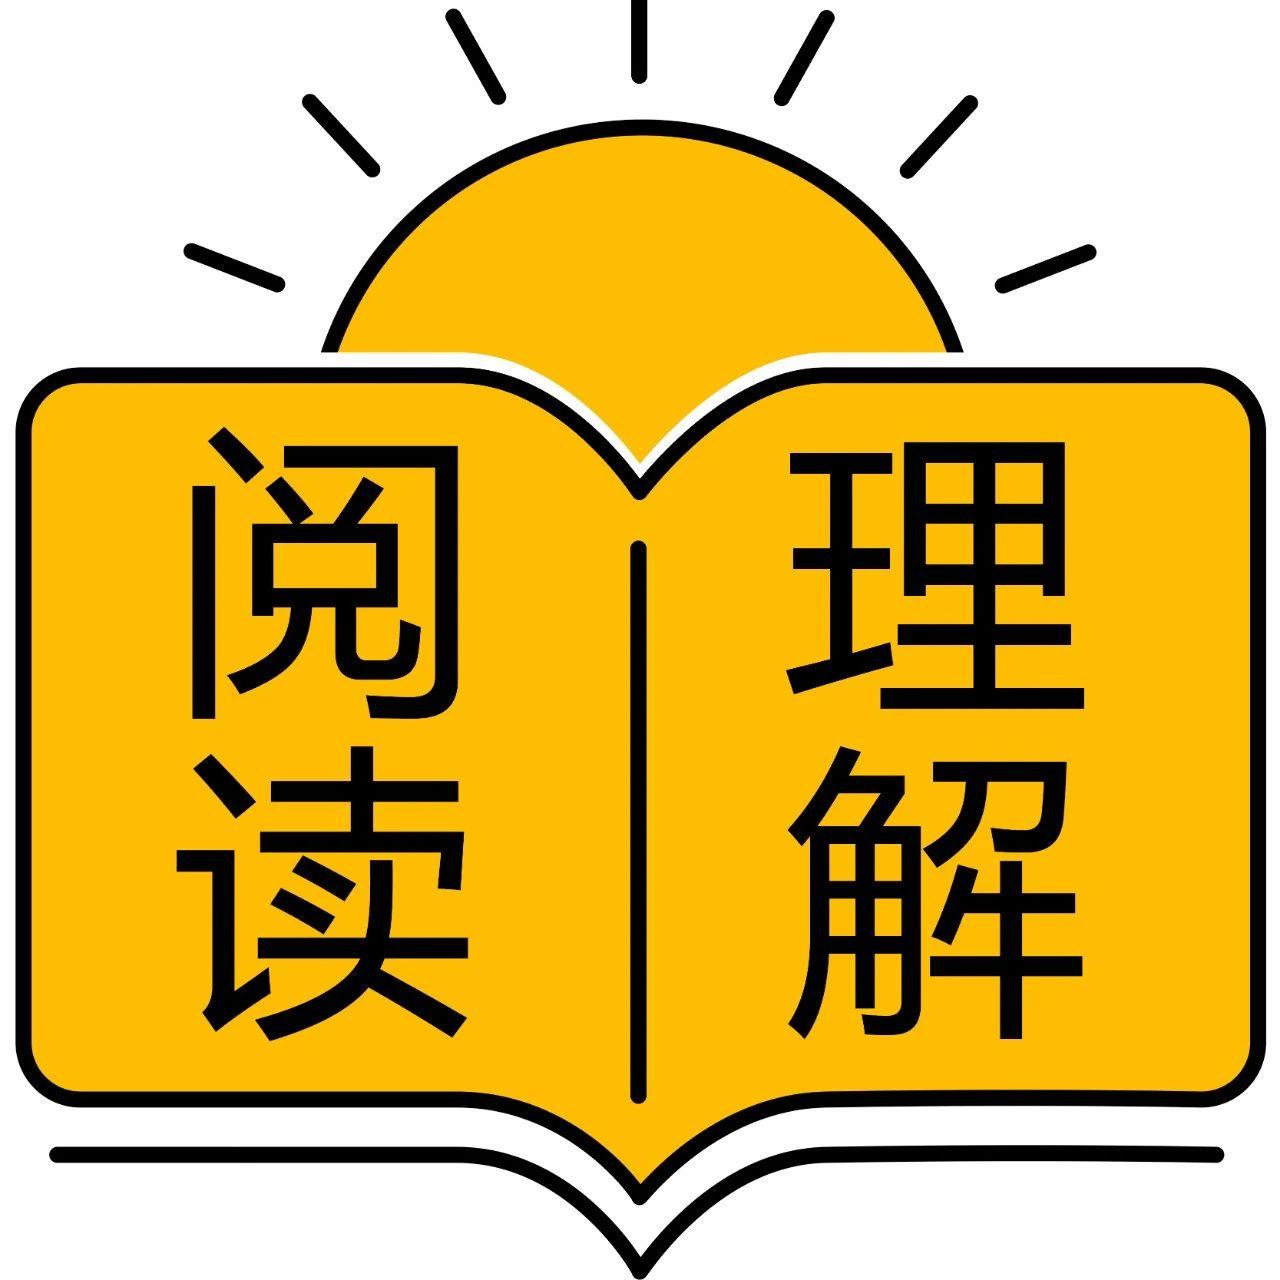 小学语文阅读理解(课外+类文+课内),超全整理!